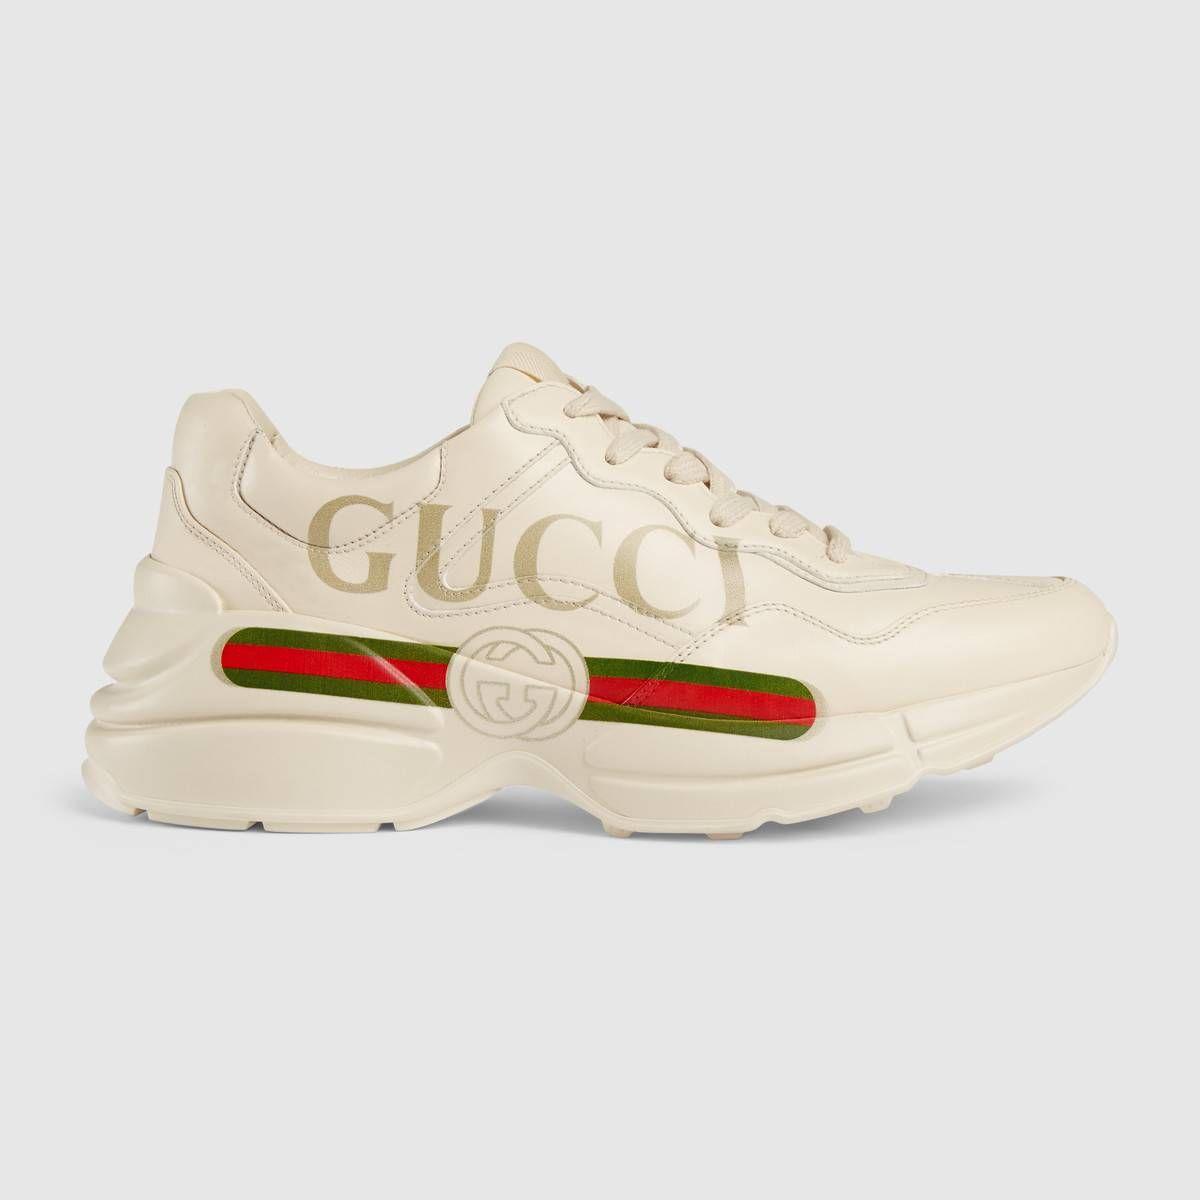 Gucci Women S Rhyton Gucci Logo Leather Sneaker Gucci Shoes Sneakers Gucci Sneakers Outfit Sneakers Fashion